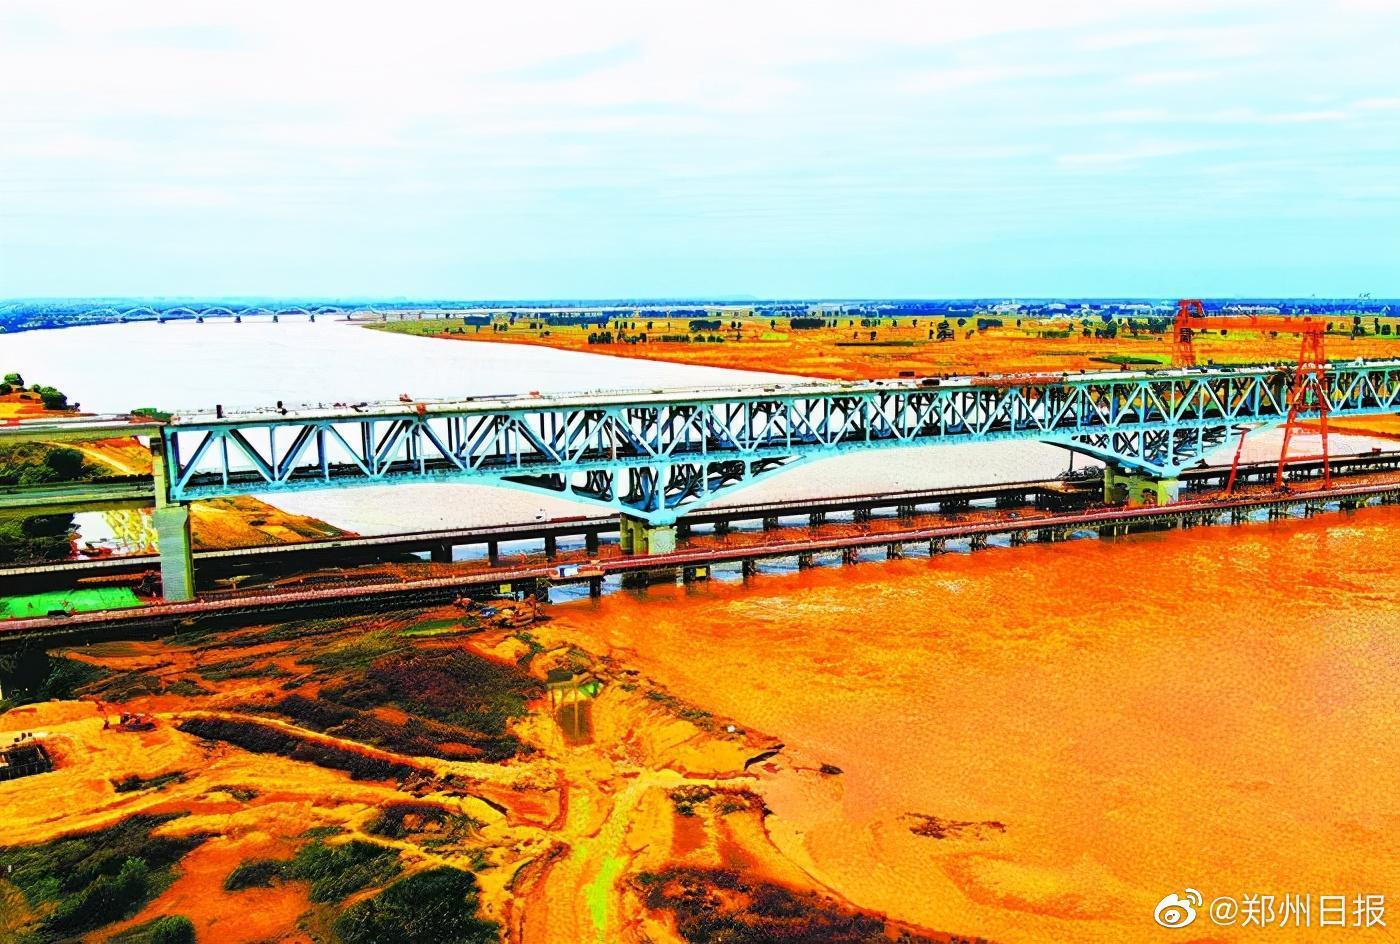 《经济日报》点赞郑州都市圈:打造区域增长极